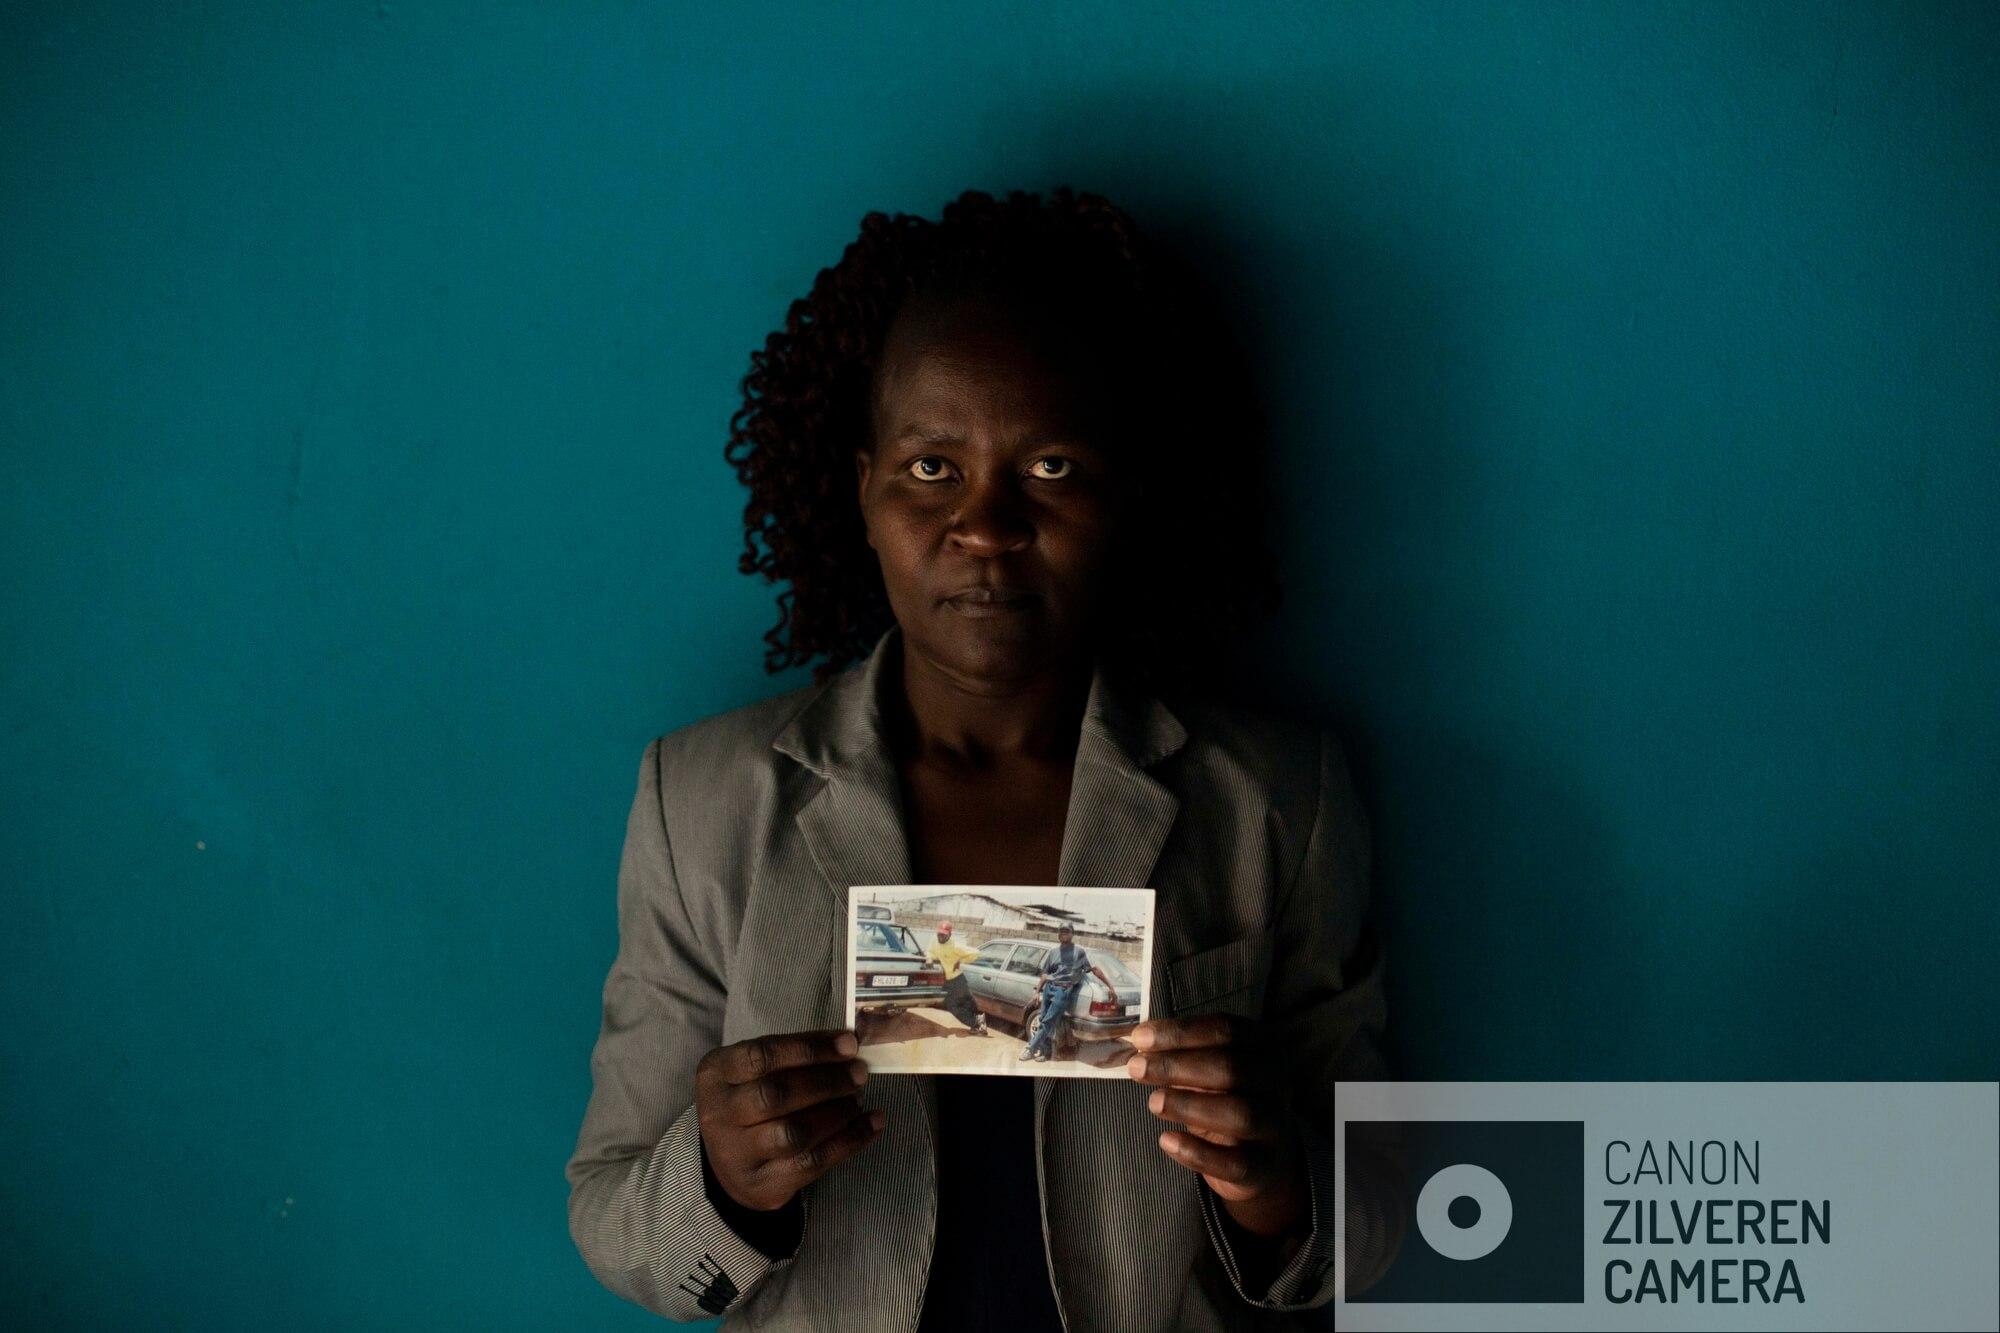 De Zimbabwaanse Banele Nkomo houdt een foto vast van haar vermiste broer, Francis. Ze heeft geen idee wat er met hem gebeurd is en heeft al vele jaren niks van haar broer vernomen. Ze zegt dat ze hem iedere dag mist en hoopt ooit informatie te krijgen of hij is overleden en waar zijn lichaam is begraven om het af te kunnen sluiten.